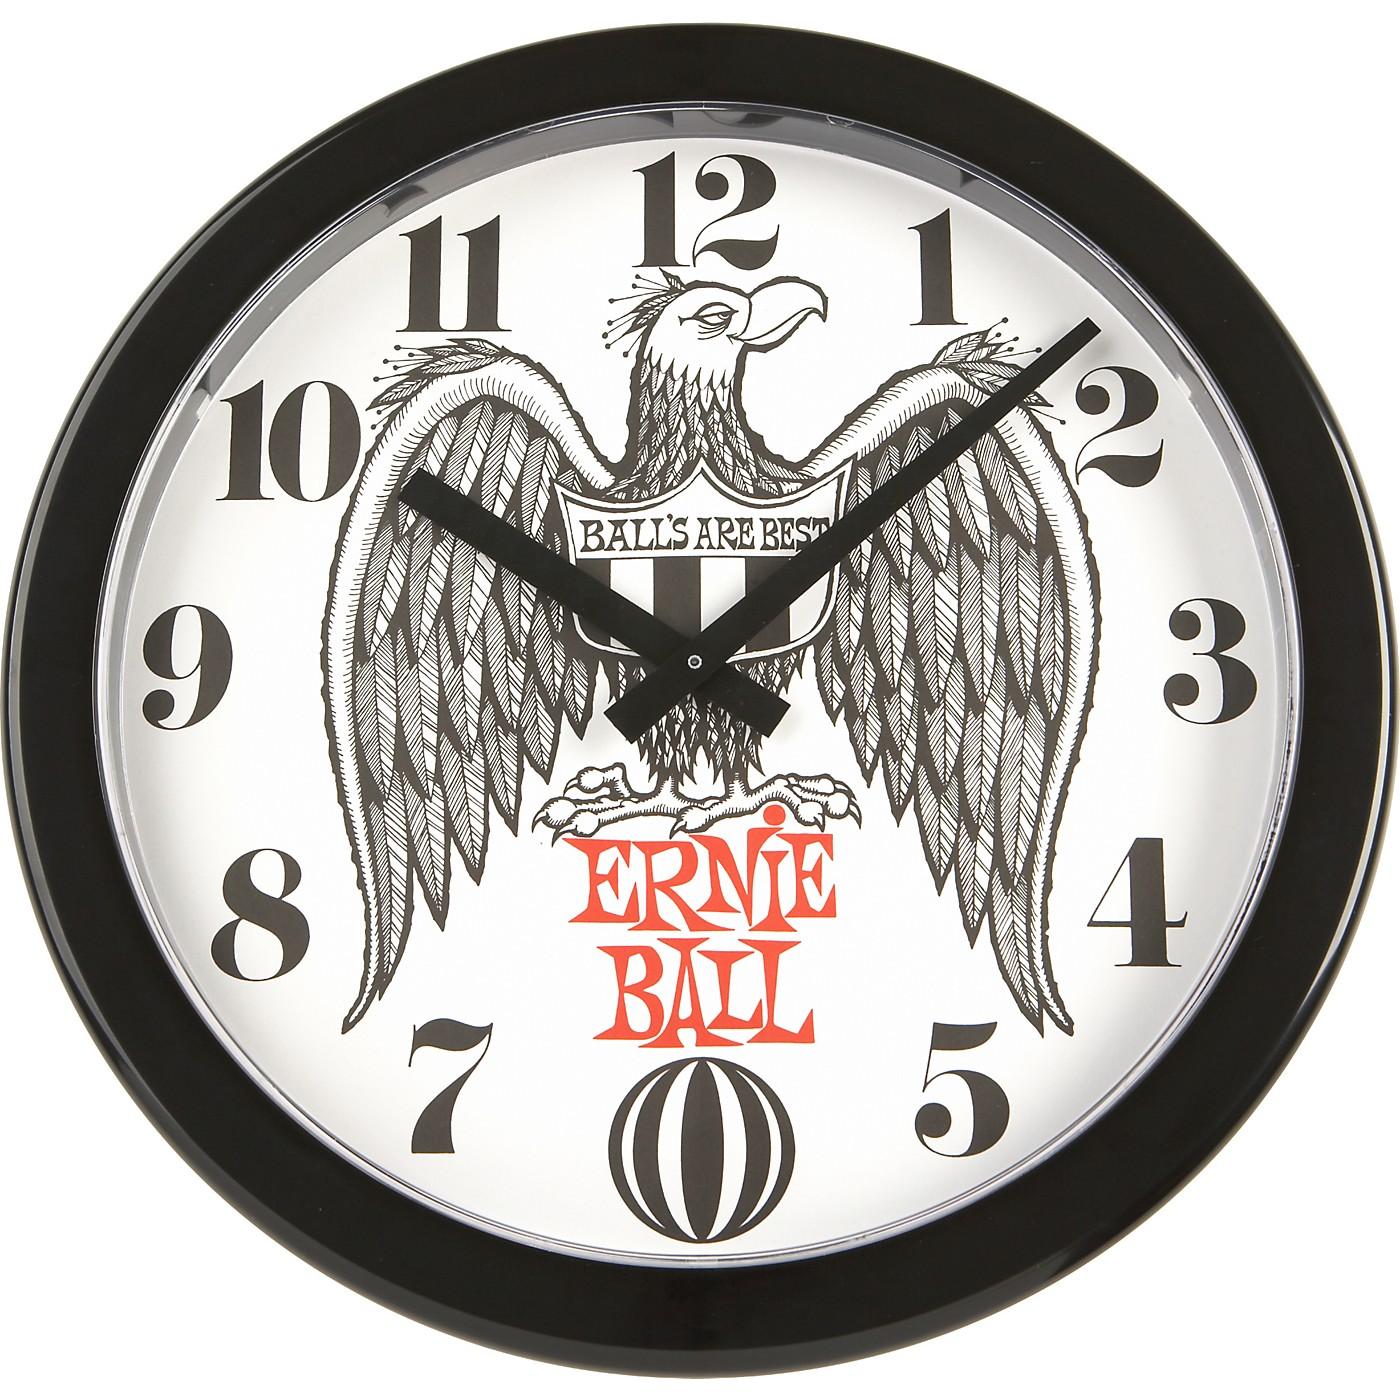 Ernie Ball Logo Wall Clock thumbnail